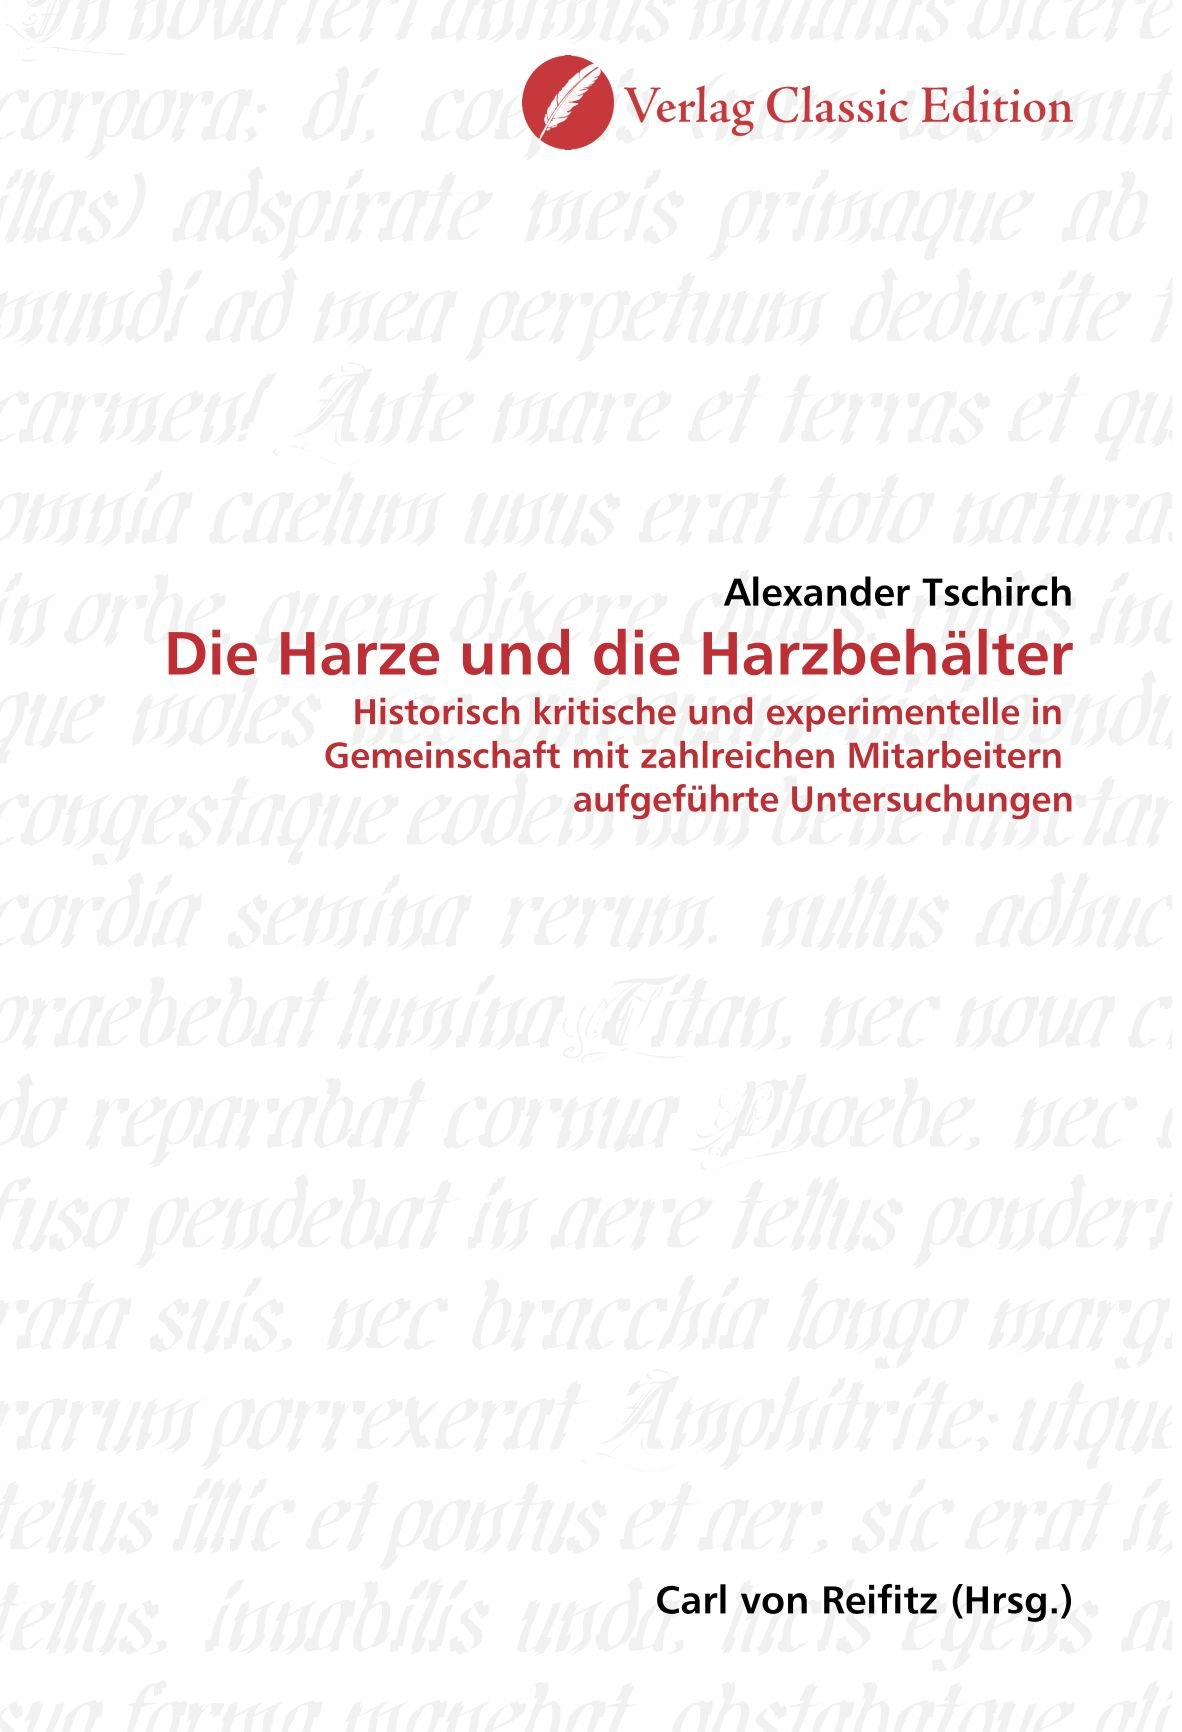 Die Harze und die Harzbehälter: Historisch kritische und experimentelle in Gemeinschaft mit zahlreichen Mitarbeitern aufgeführte Untersuchungen (German Edition) PDF